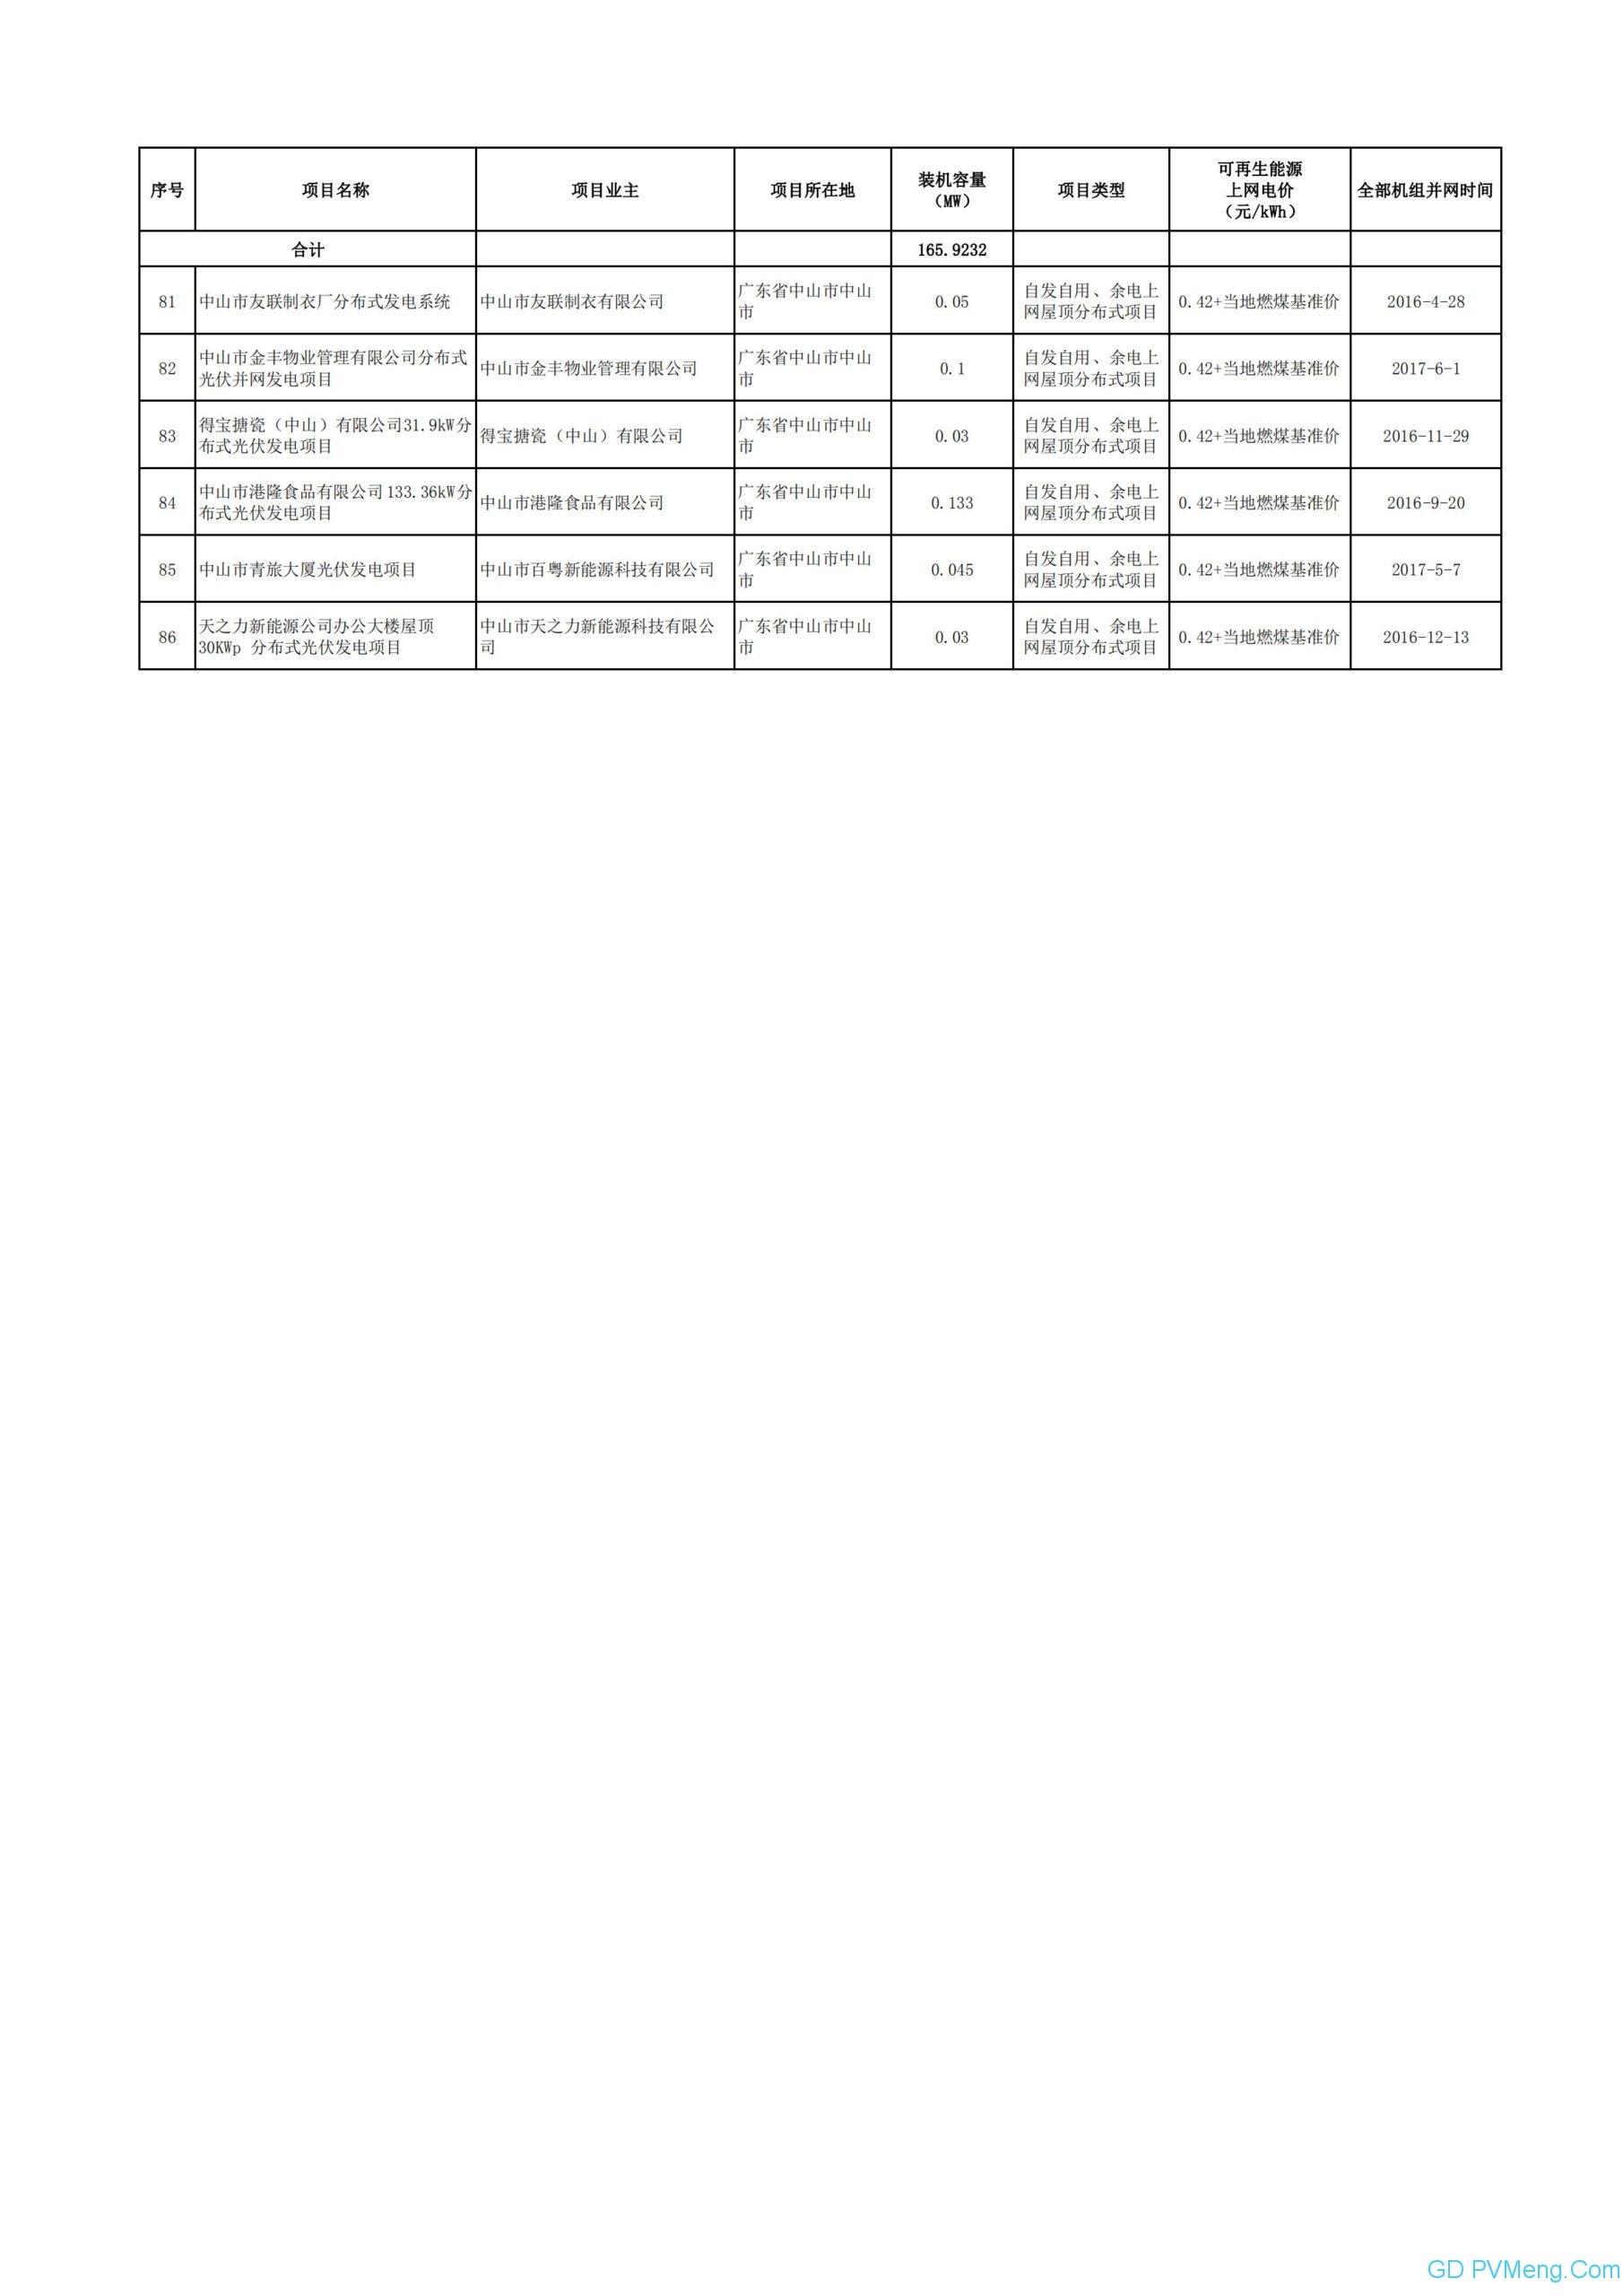 广东电网关于属地区域内拟纳入2020年可再生能源补贴项目清单(第二阶段)的公示20200602